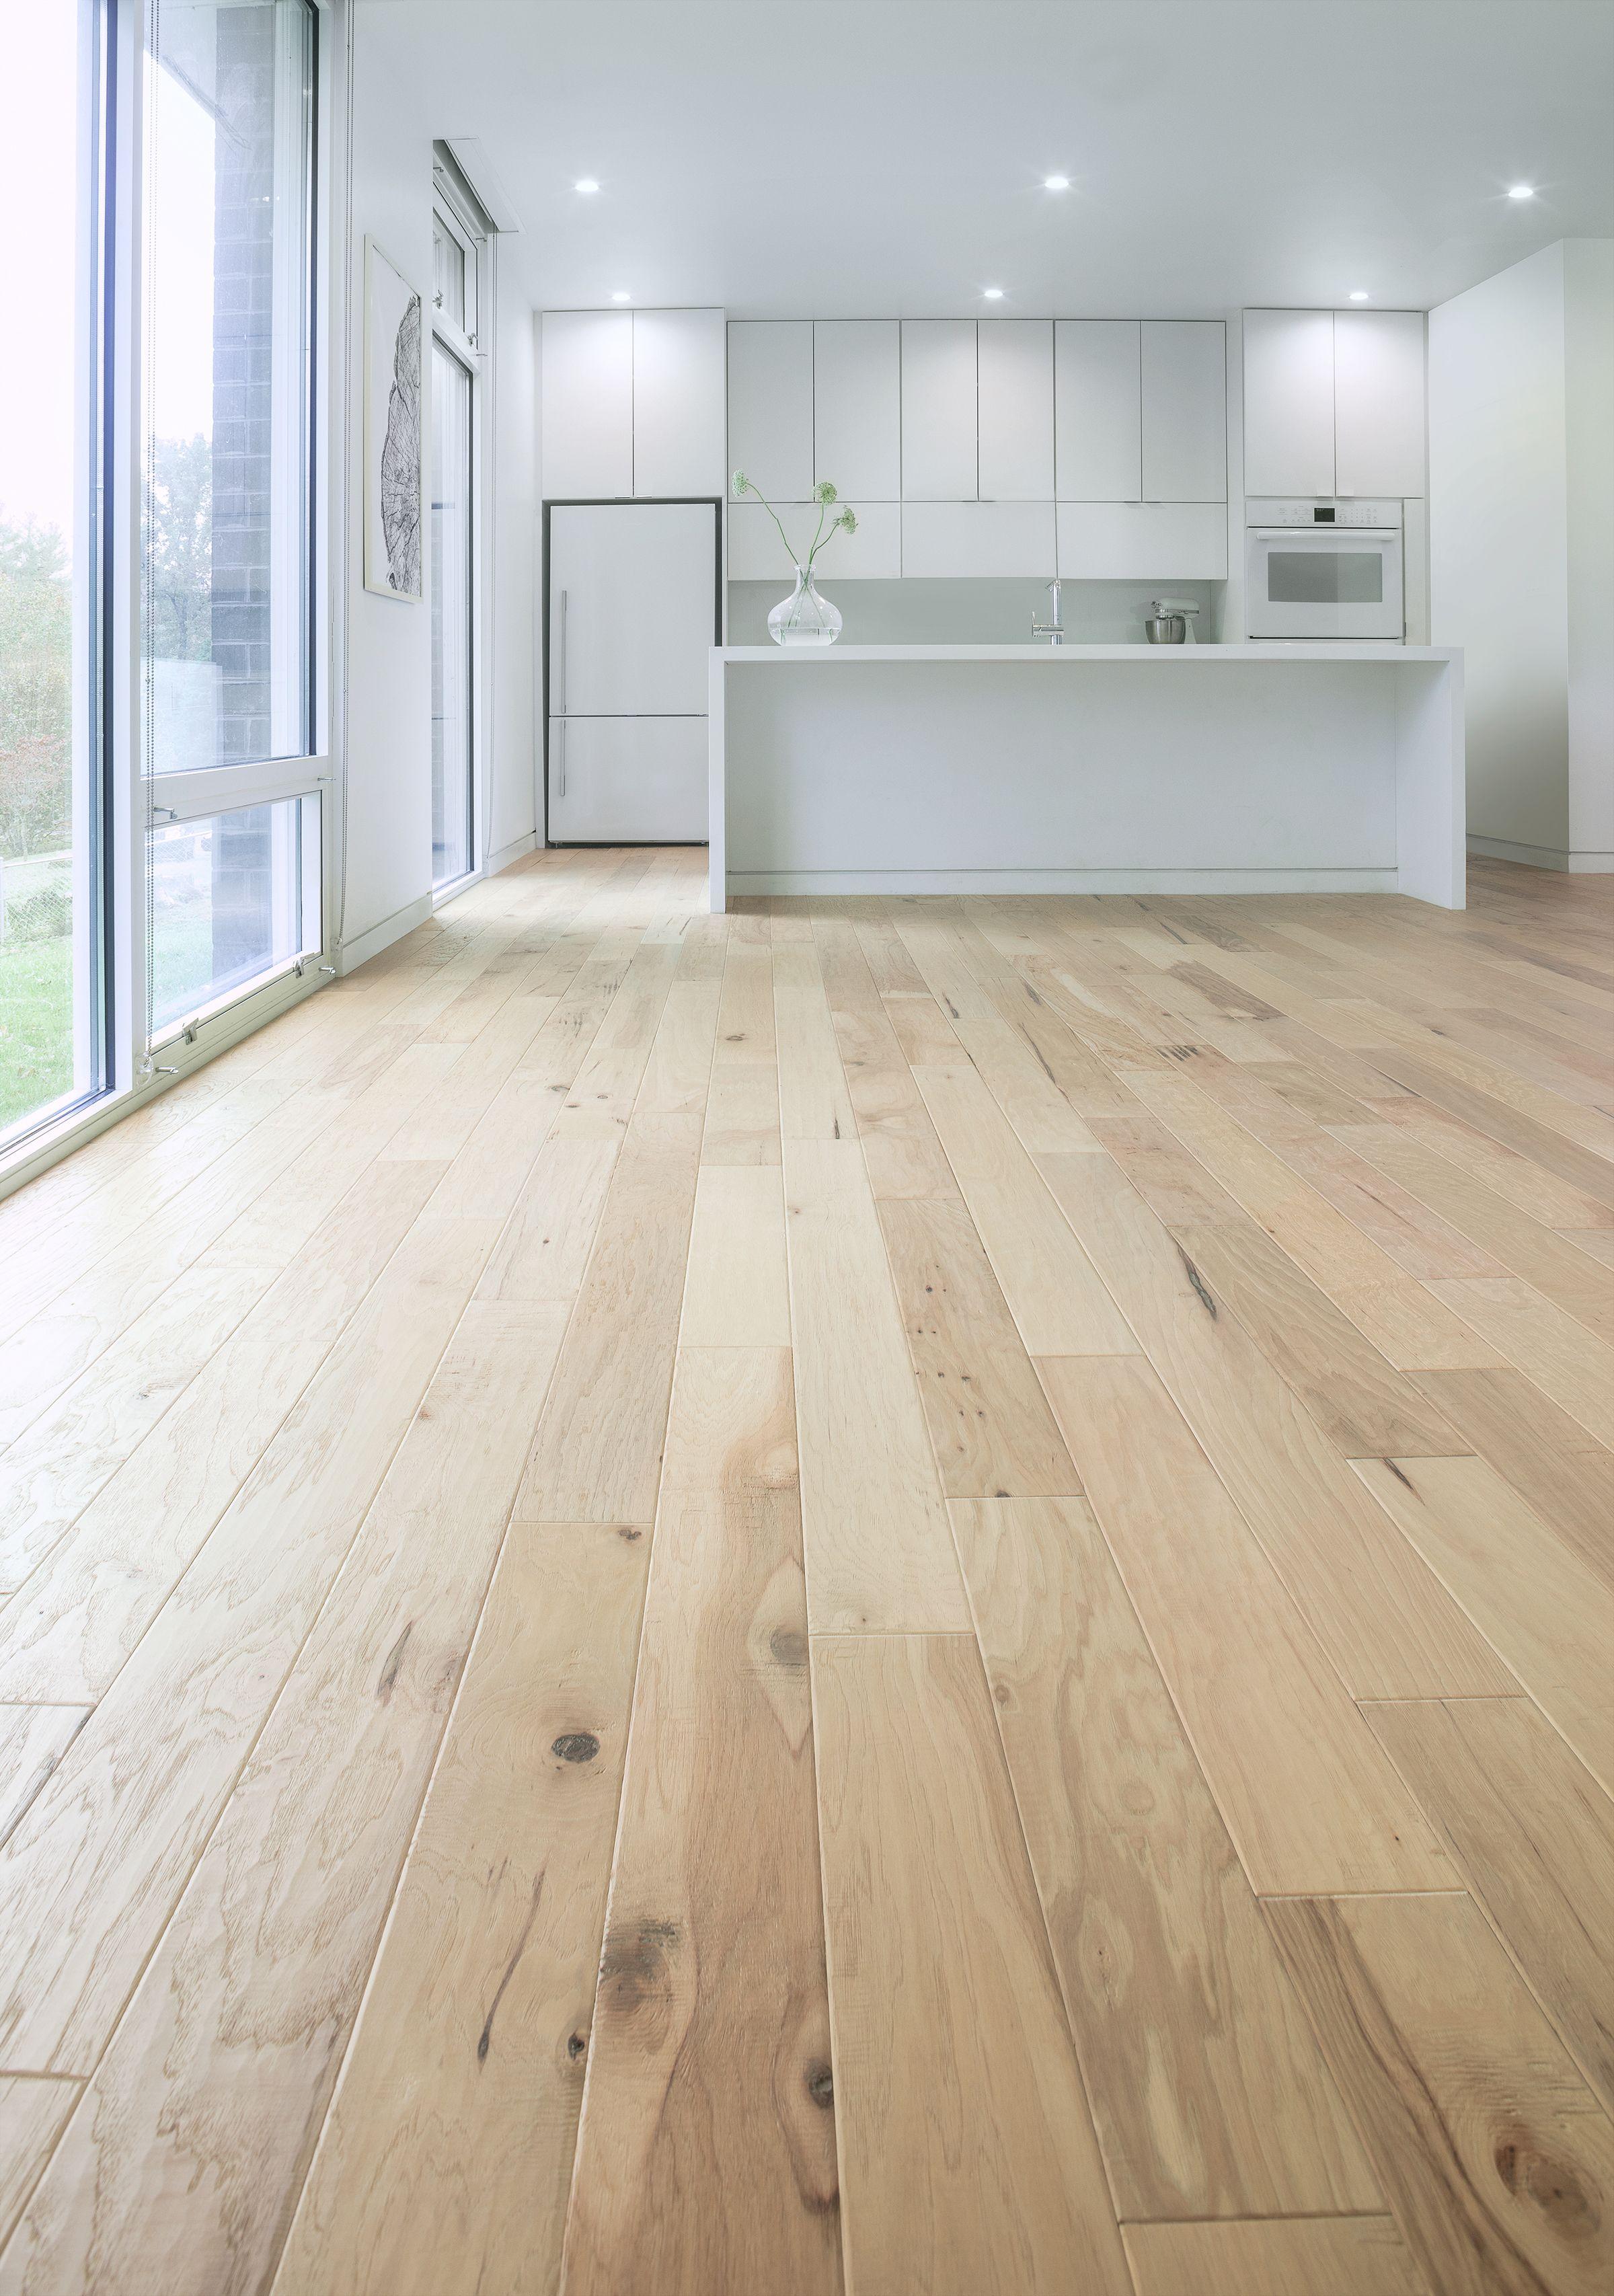 Bernina Hickory Aa791 11044 Carpet Flooring Anderson Tuftex Hardwood Floor Colors House Flooring Light Hardwood Floors